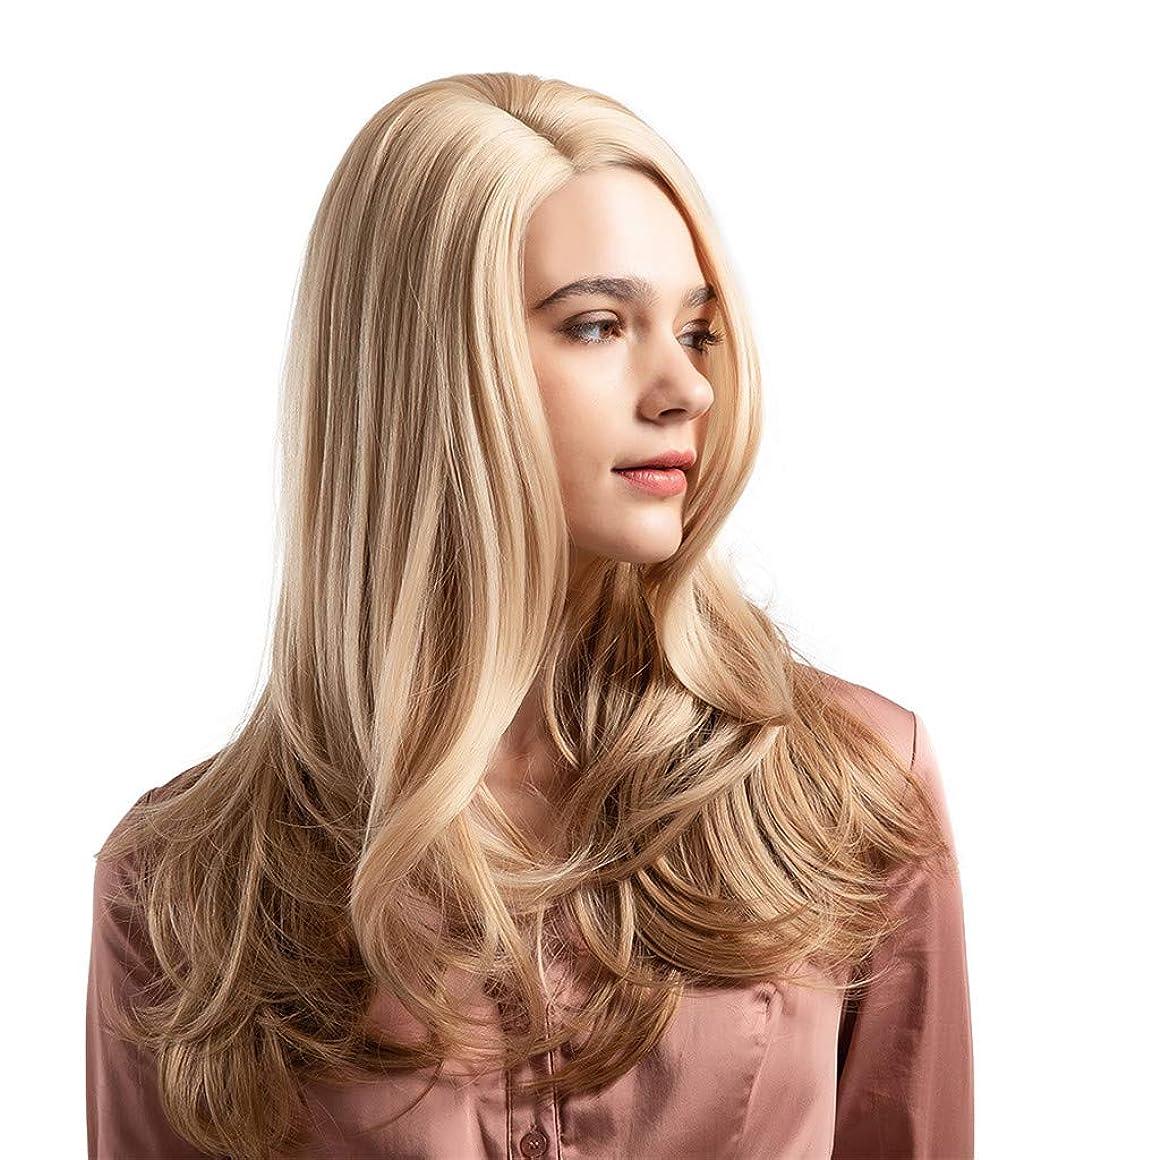 引き出し始まり静かなウィッグ女性黄金の大きな波状の巻き毛の高温シルクウィッグ22インチ